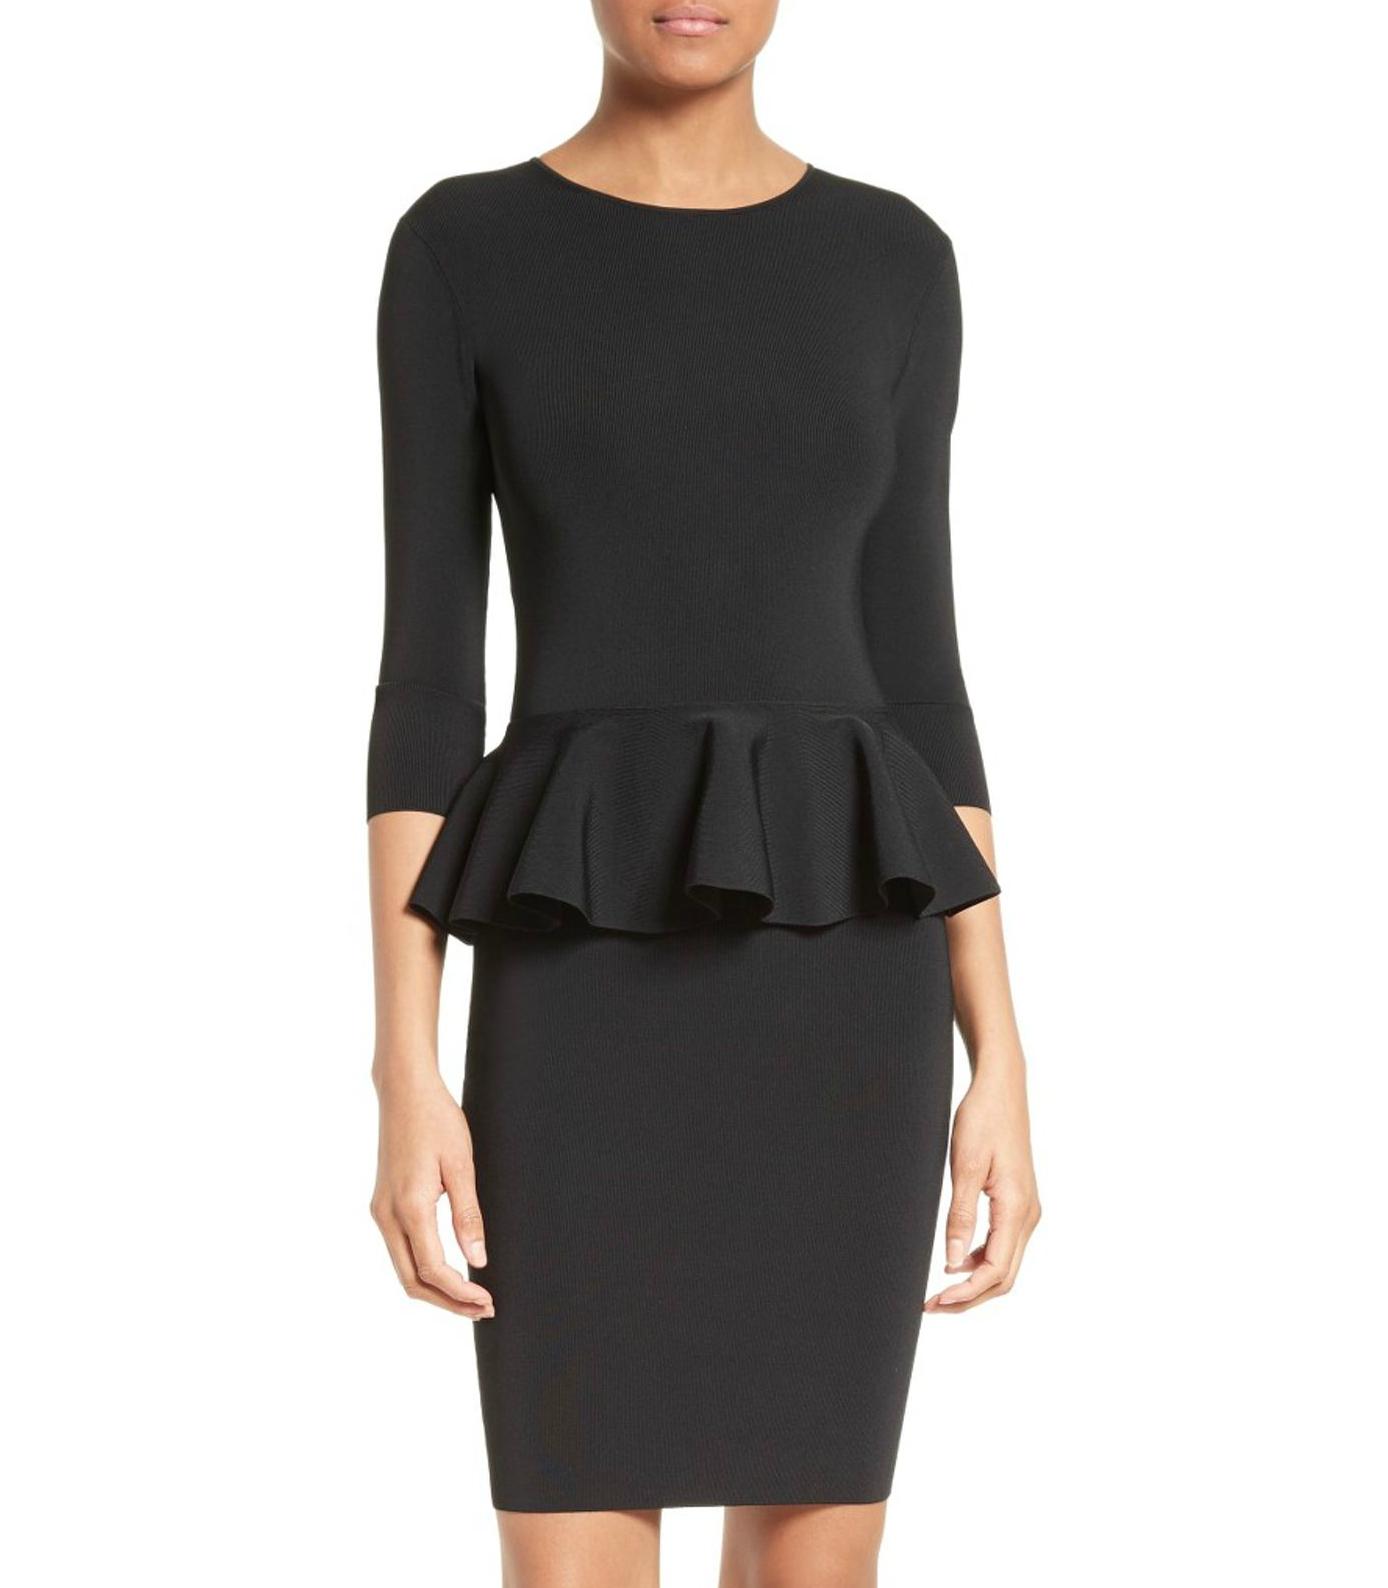 Ted Baker // JAMNIE Peplum Knitted Dress // $279